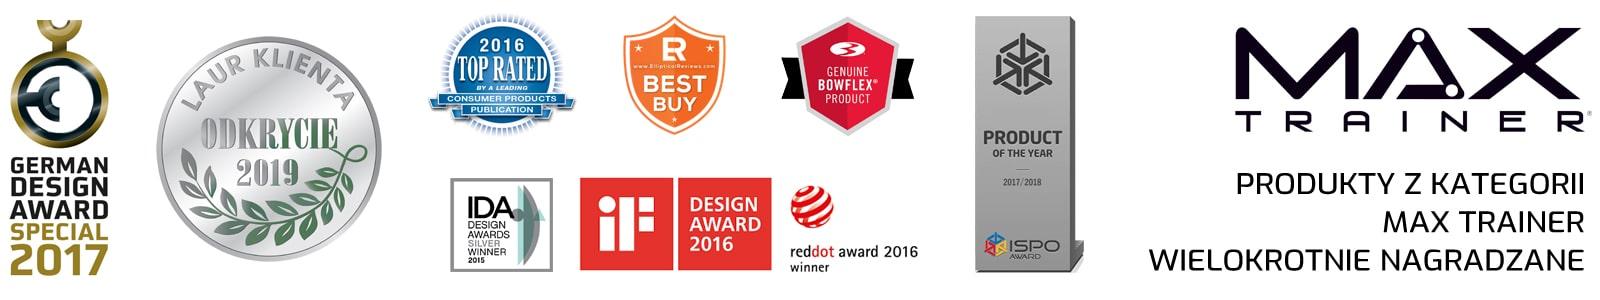 bowflex_produkty-wielokrotnie-nagradzane